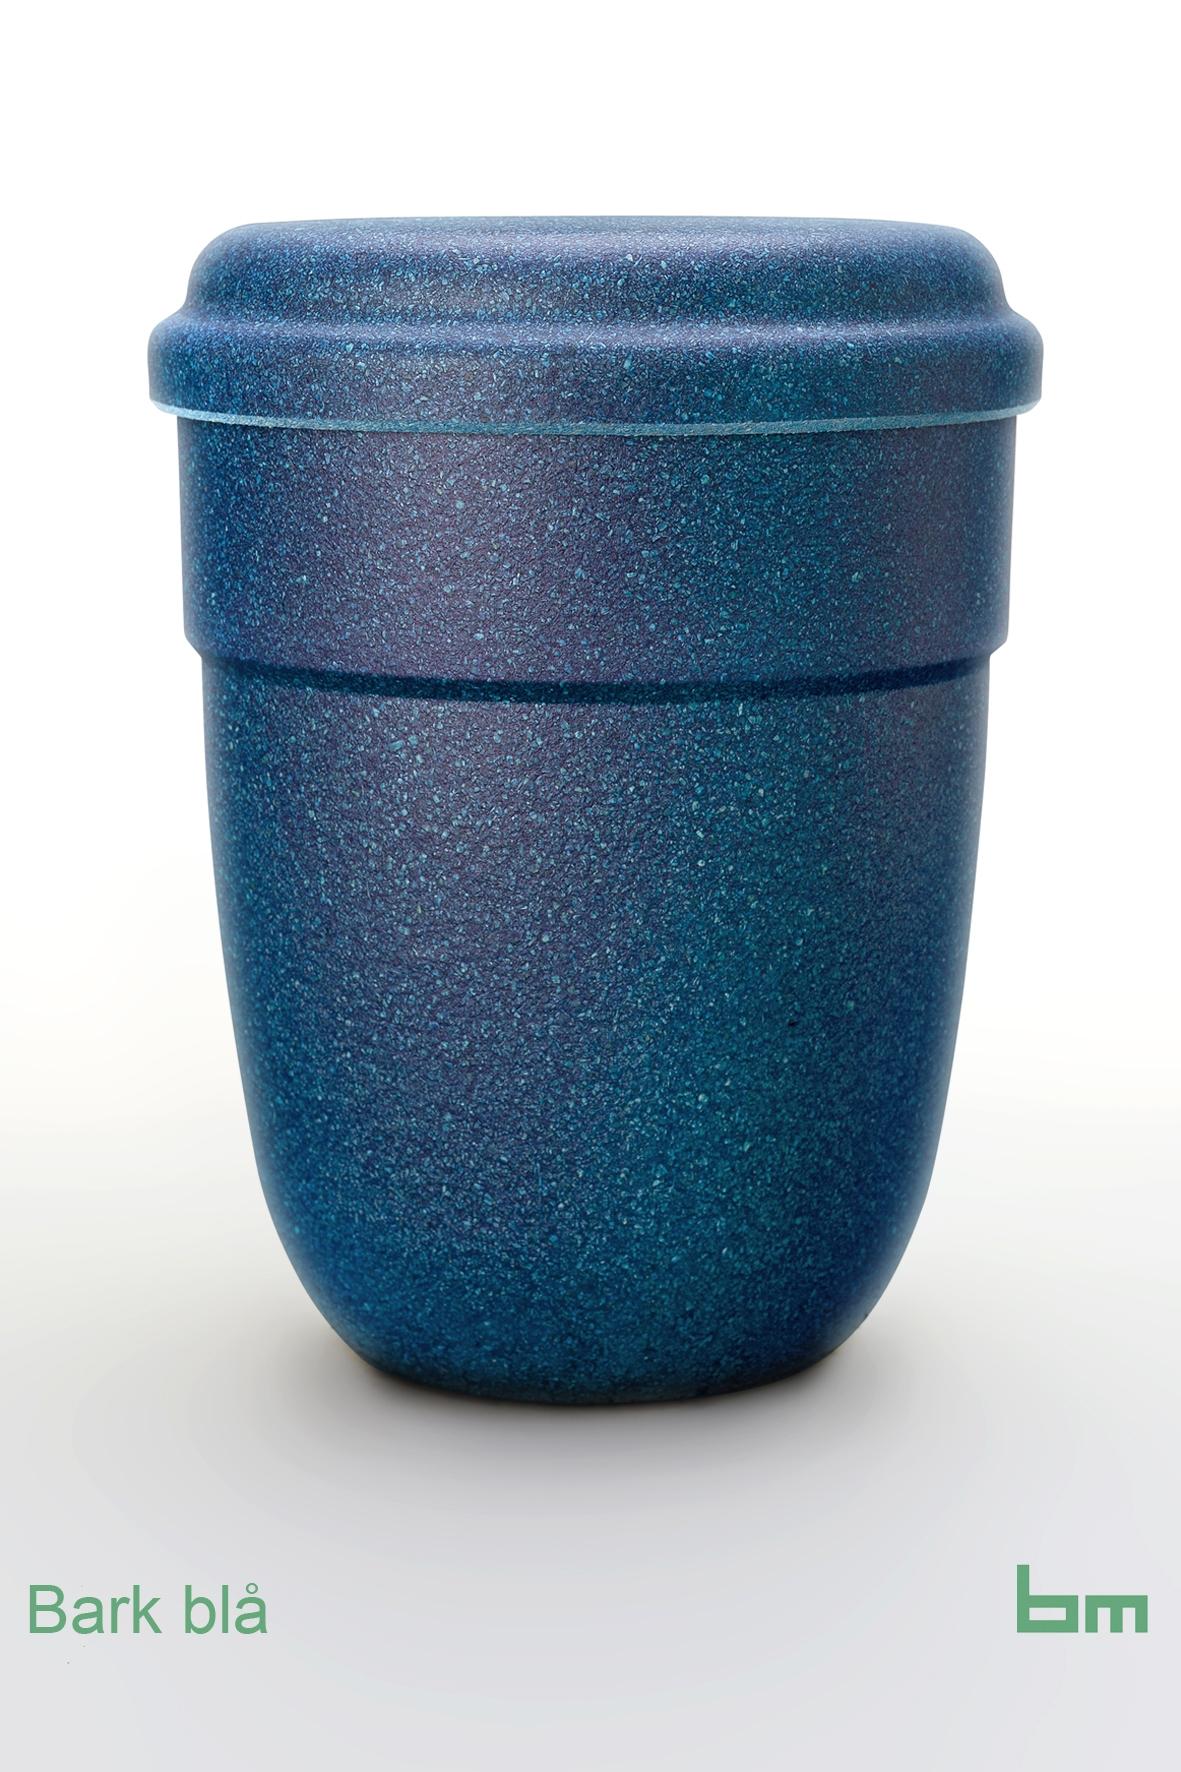 Bark blå